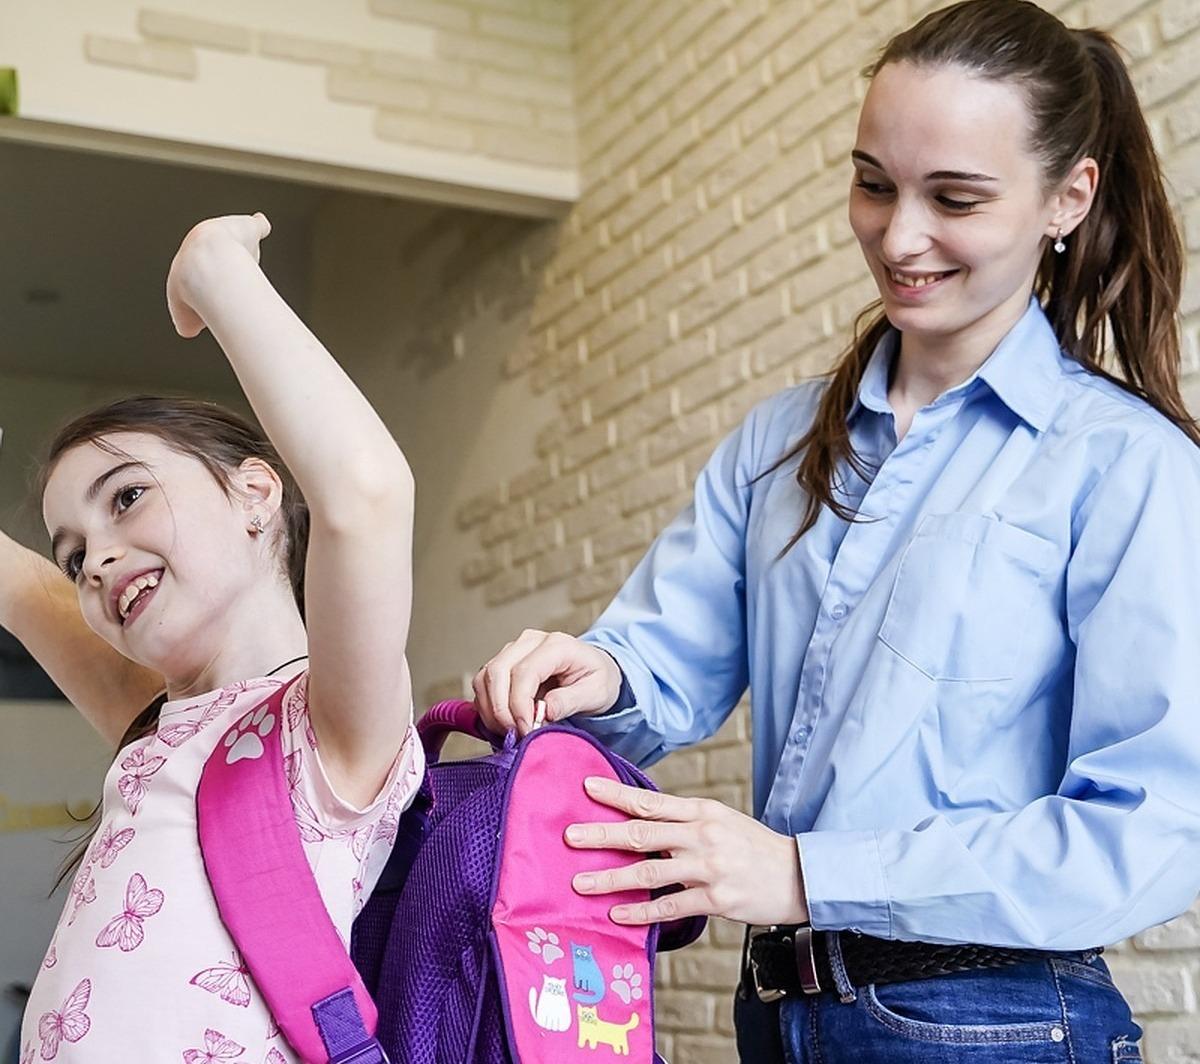 Мама собирает дочку в школу, поправляя рюкзак на ее спине